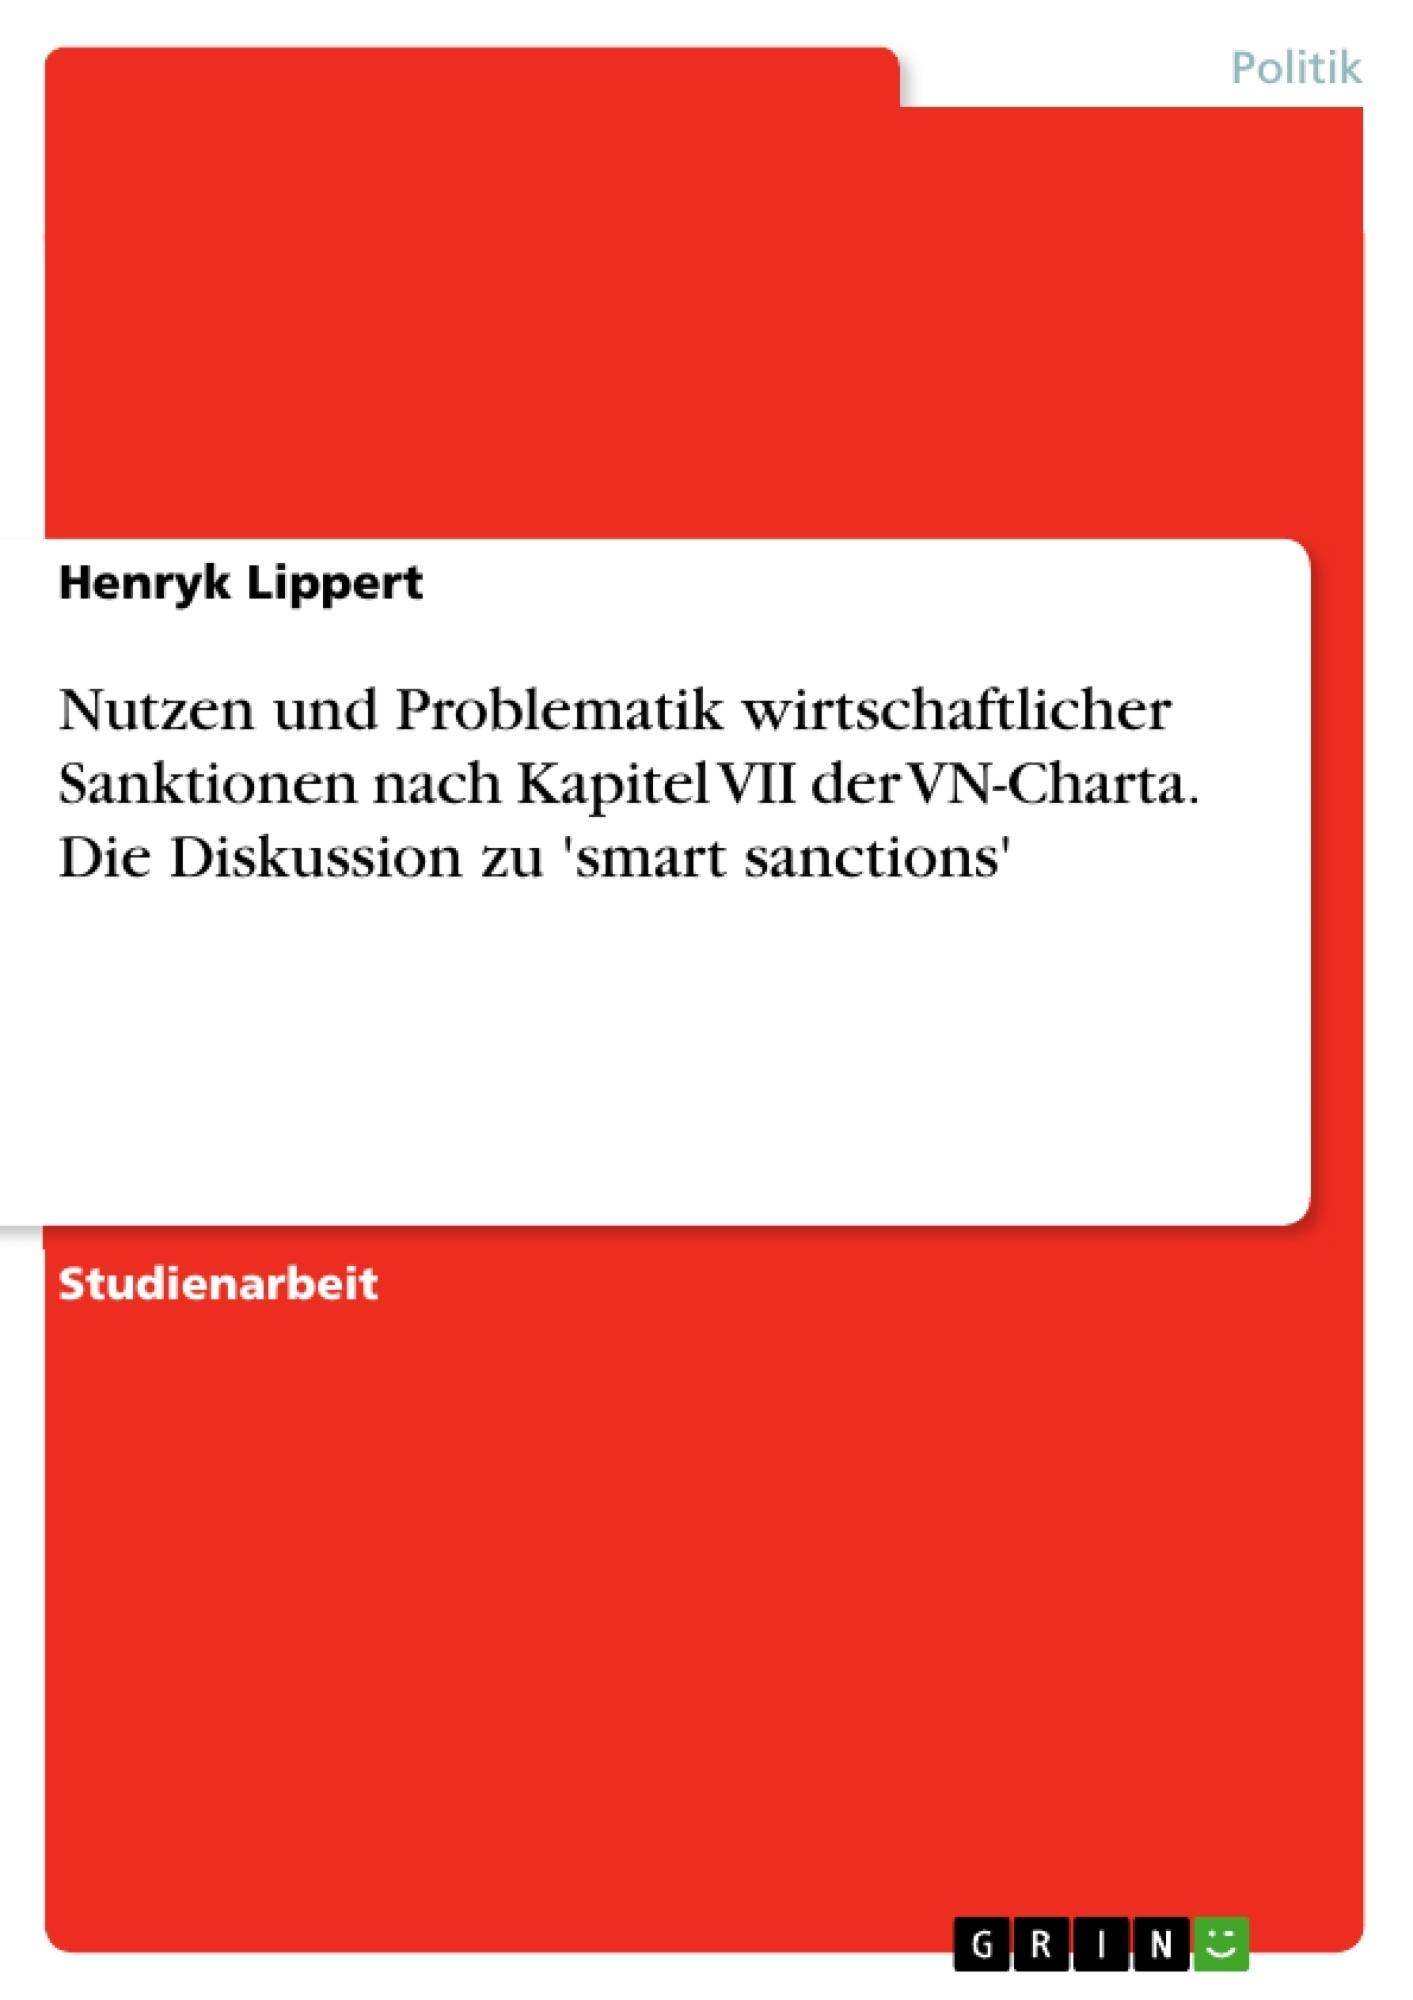 Titel: Nutzen und Problematik wirtschaftlicher Sanktionen nach Kapitel VII der VN-Charta. Die Diskussion zu 'smart sanctions'